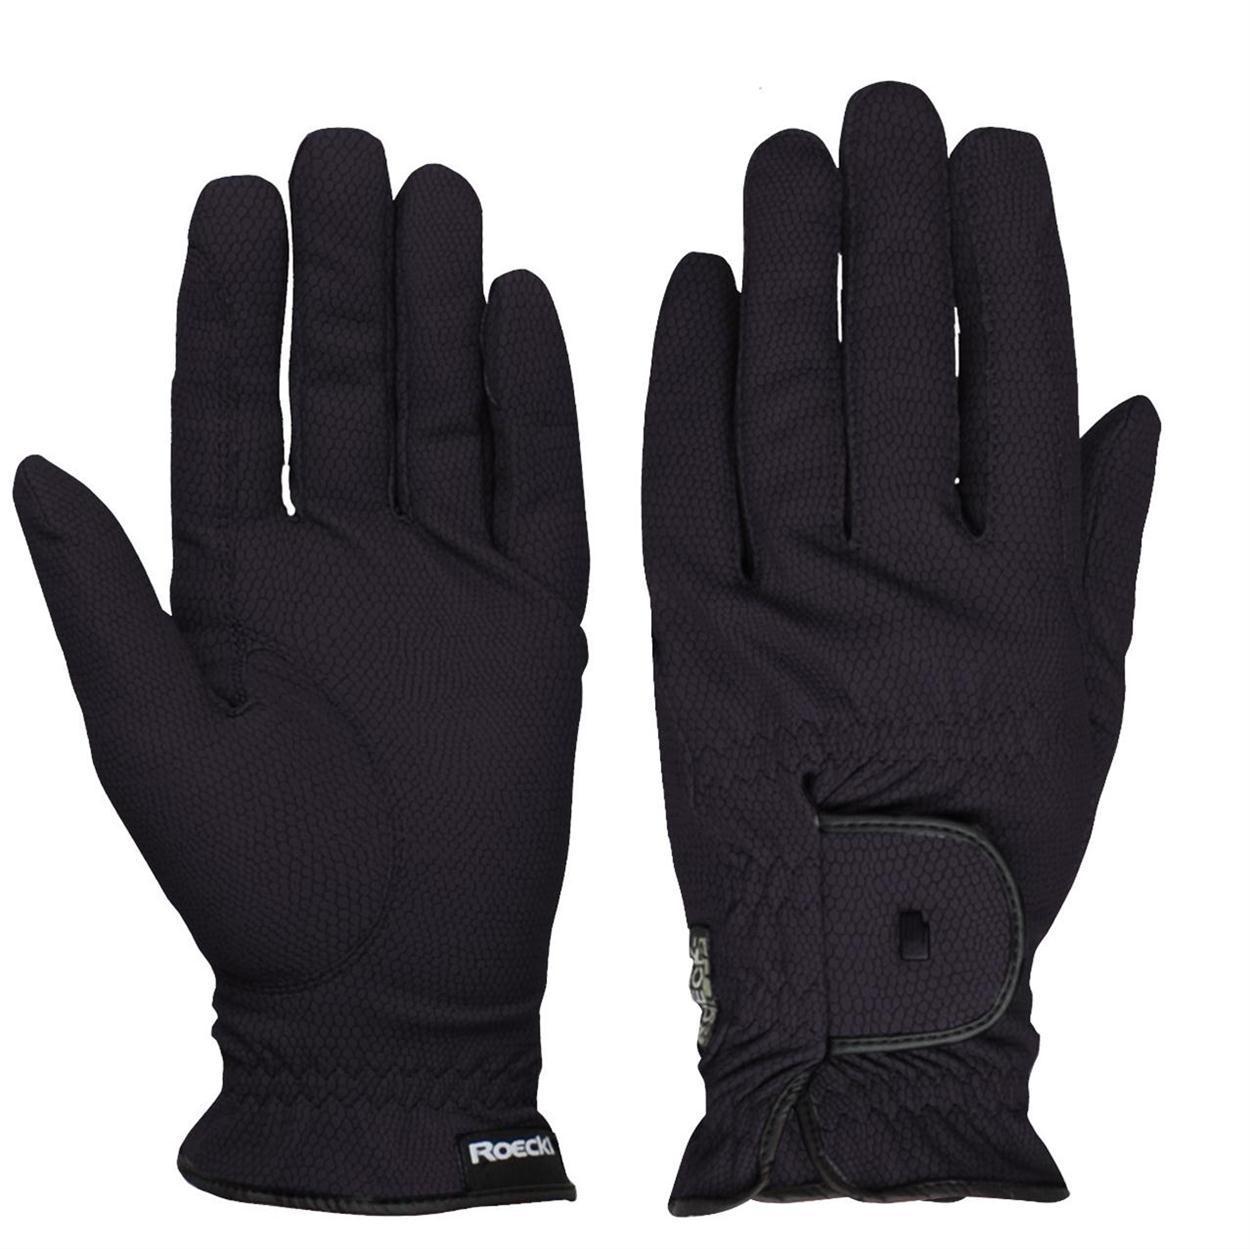 Roeckl Roeck grip Handschoen zwart maat:7,5